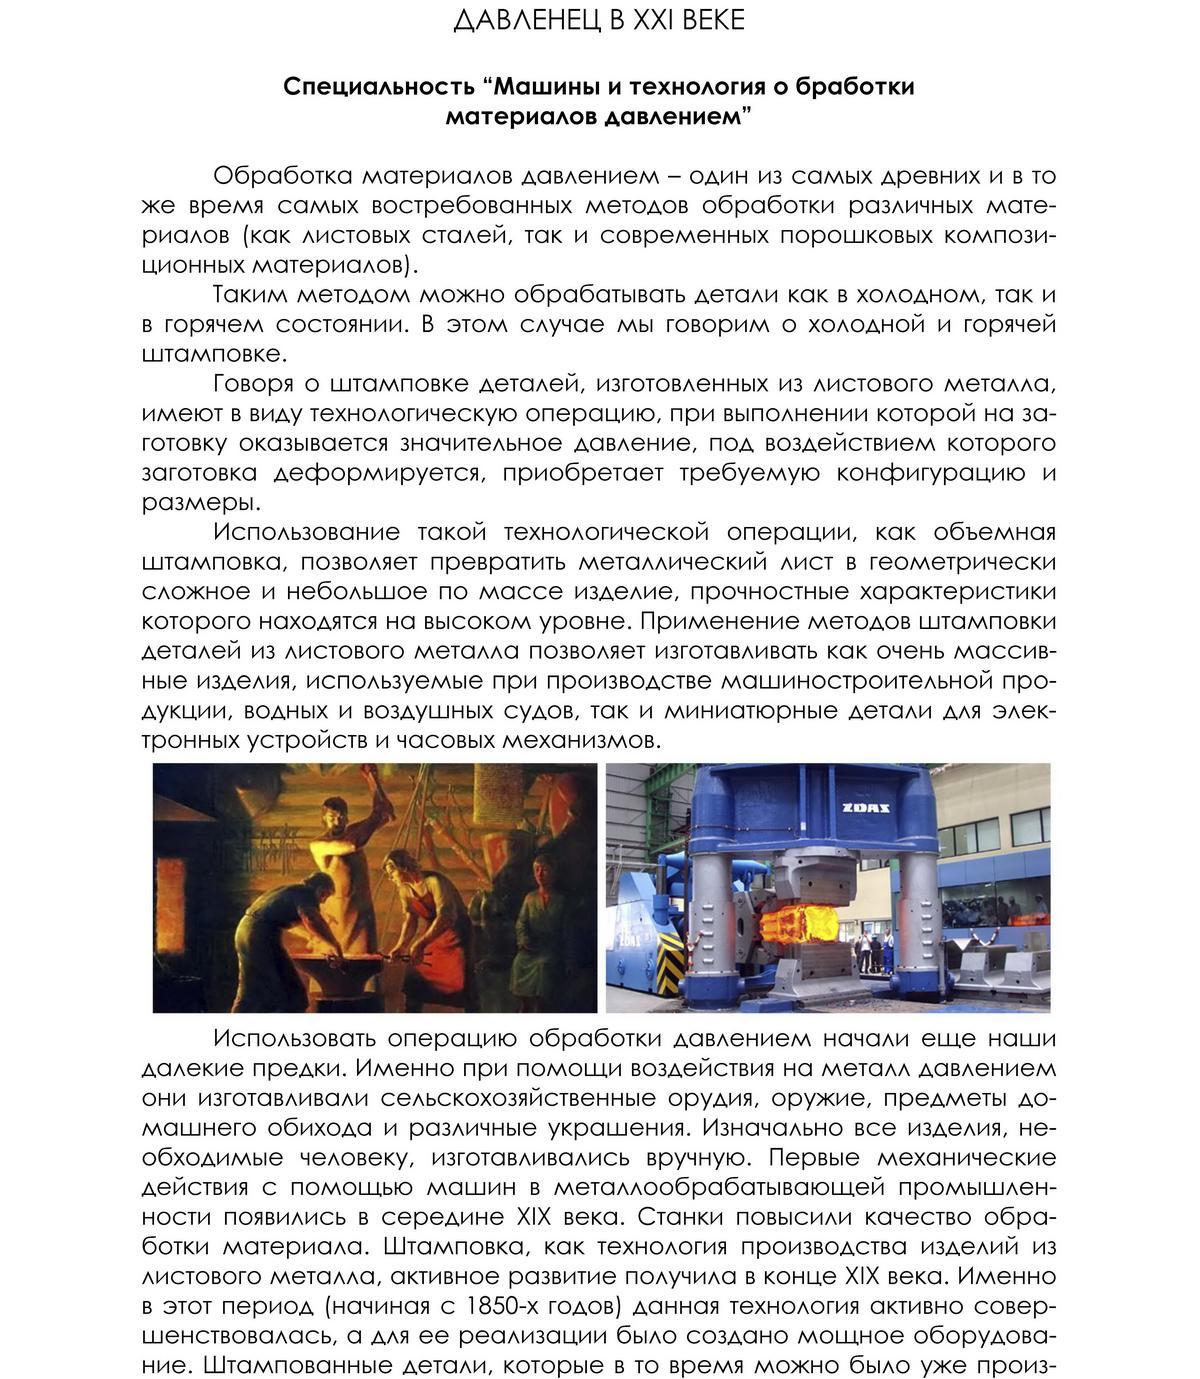 """Давленец в XXI веке - специальность """"машины и технология о бработки 1"""